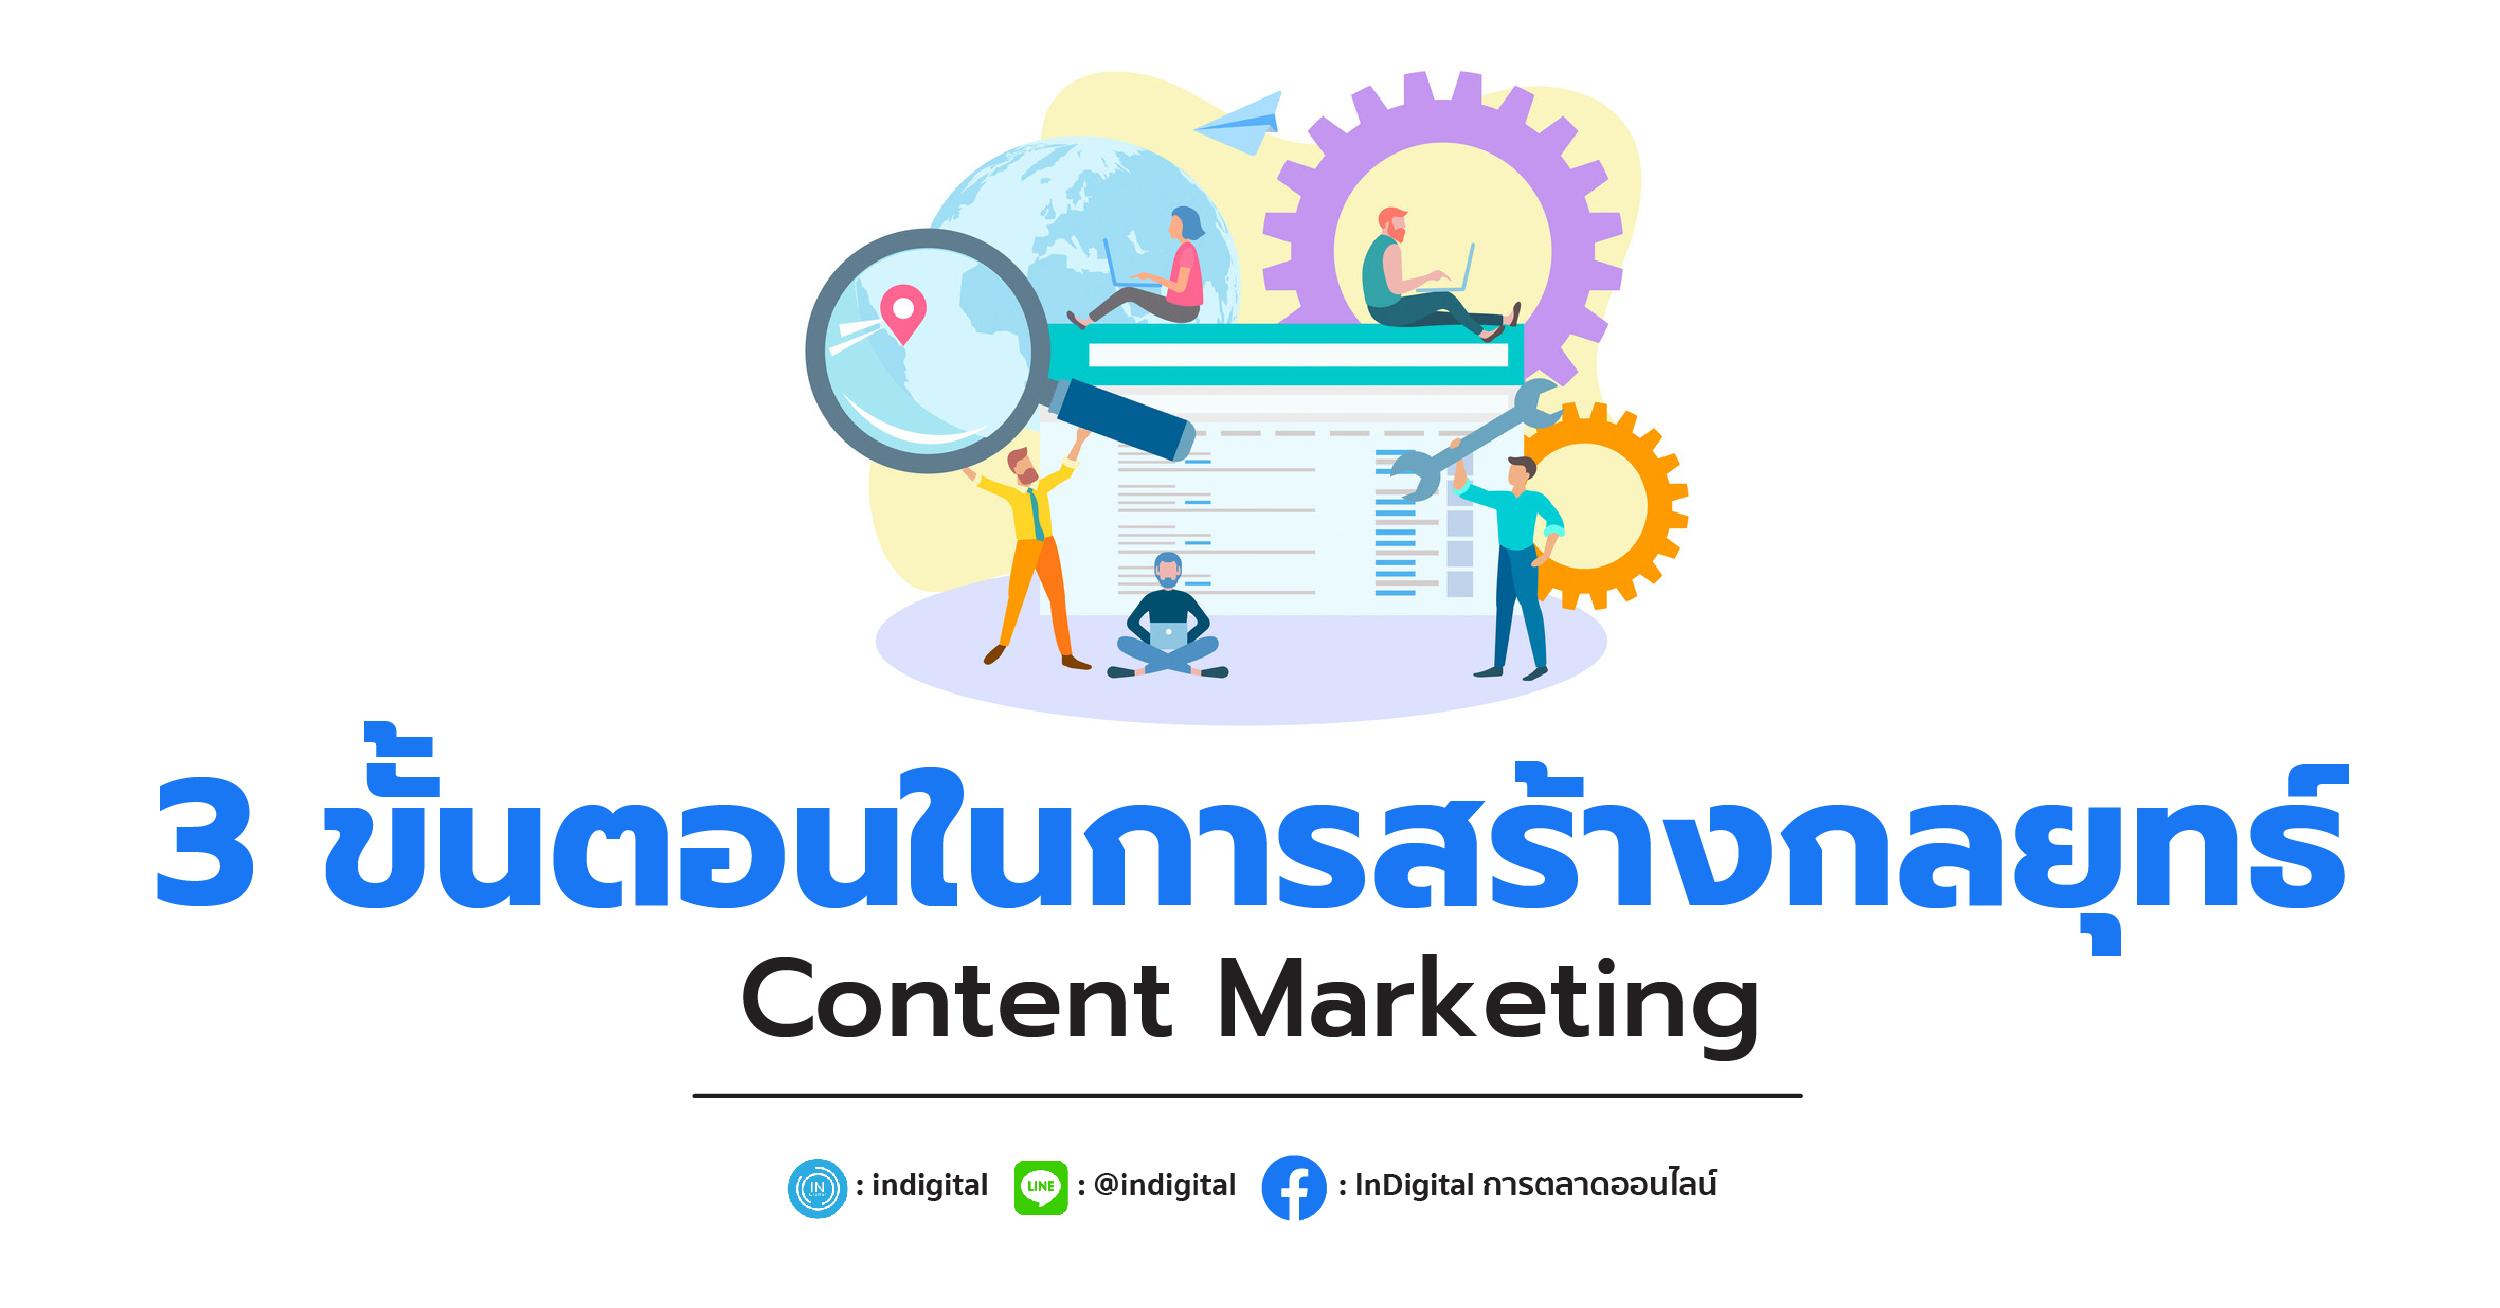 3 ขั้นตอนในการสร้างกลยุทธ์ Content Marketing